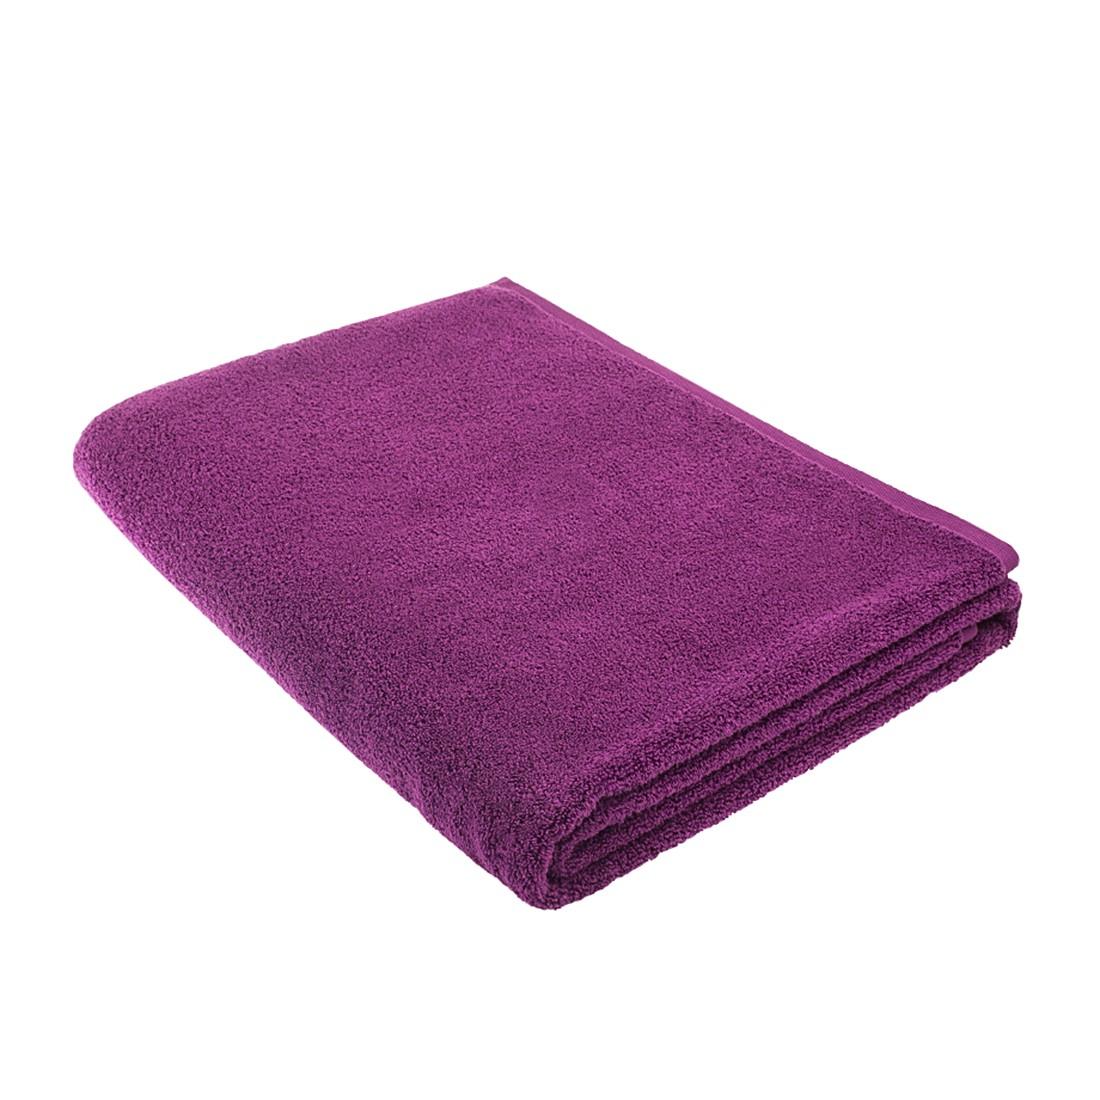 Home 24 - Serviette de sauna pure - 100 % coton - violet, stilana